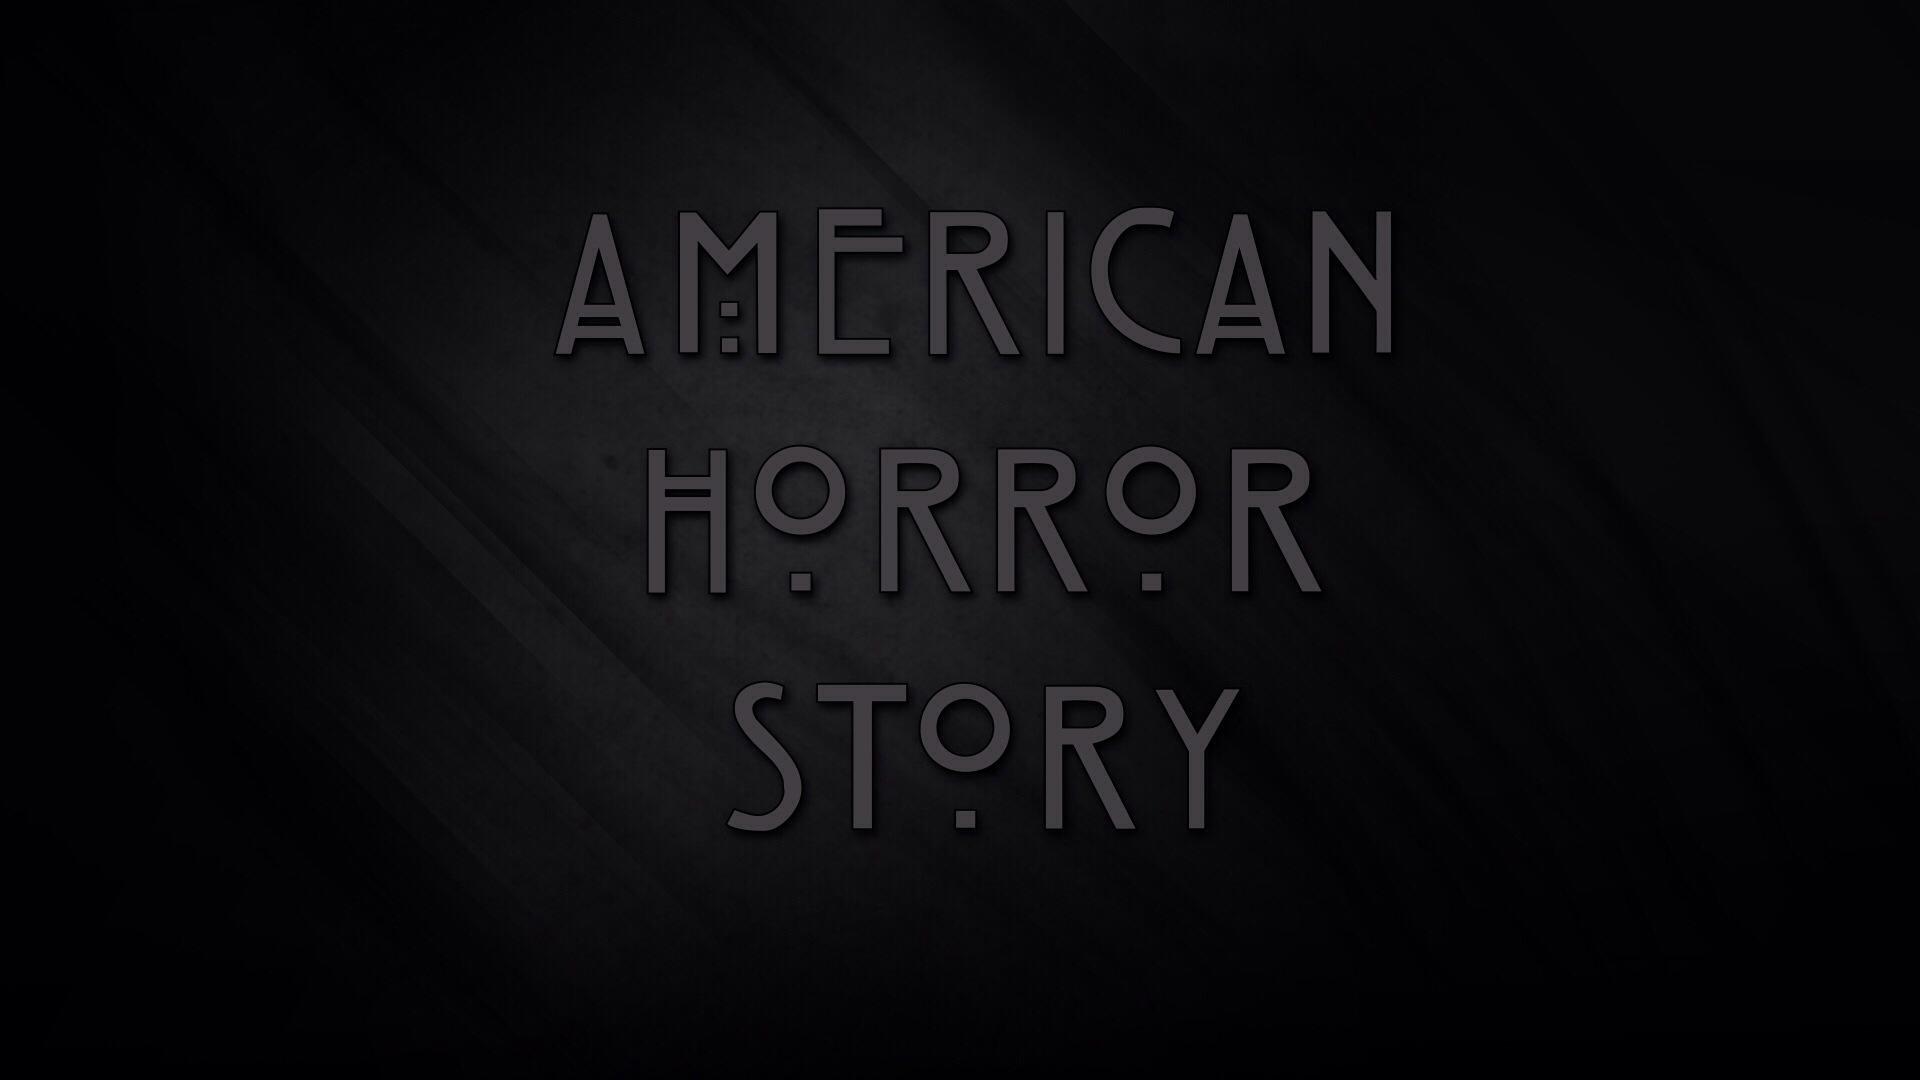 American horror story wallpaper hd wallpapersafari - Ahs wallpaper ...